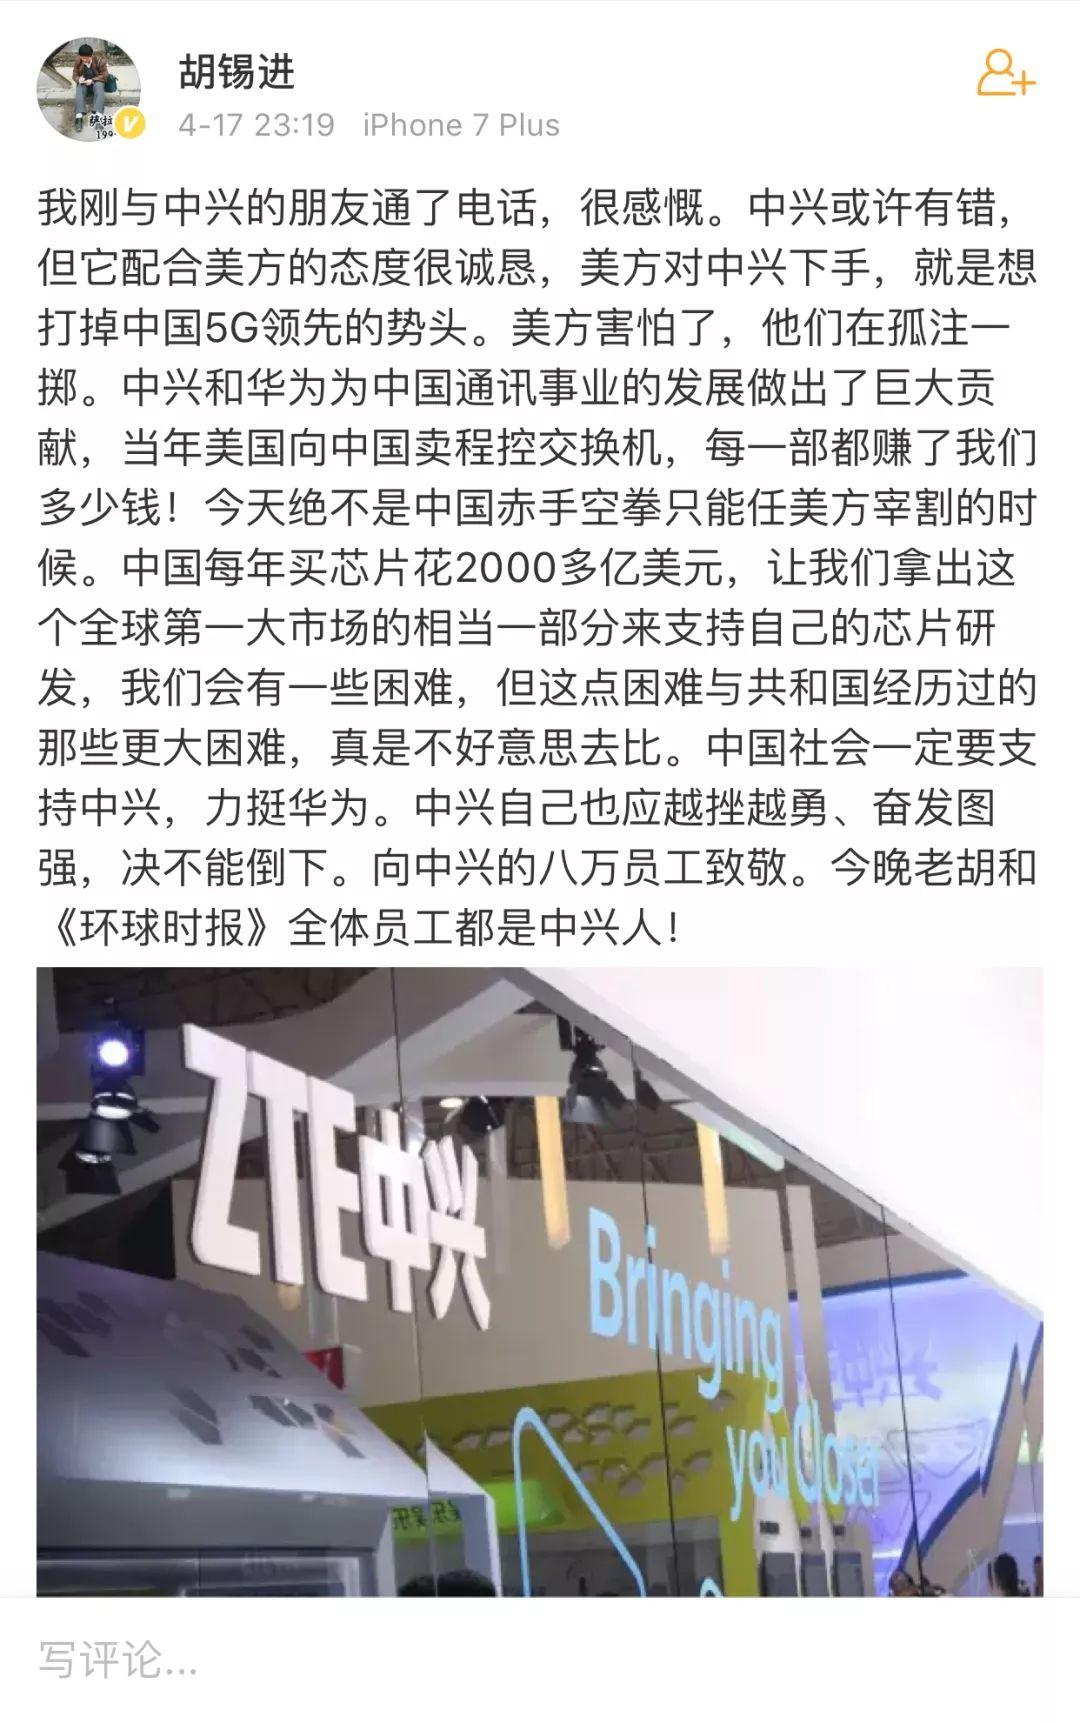 《环球时报》总编辑胡锡进的微博